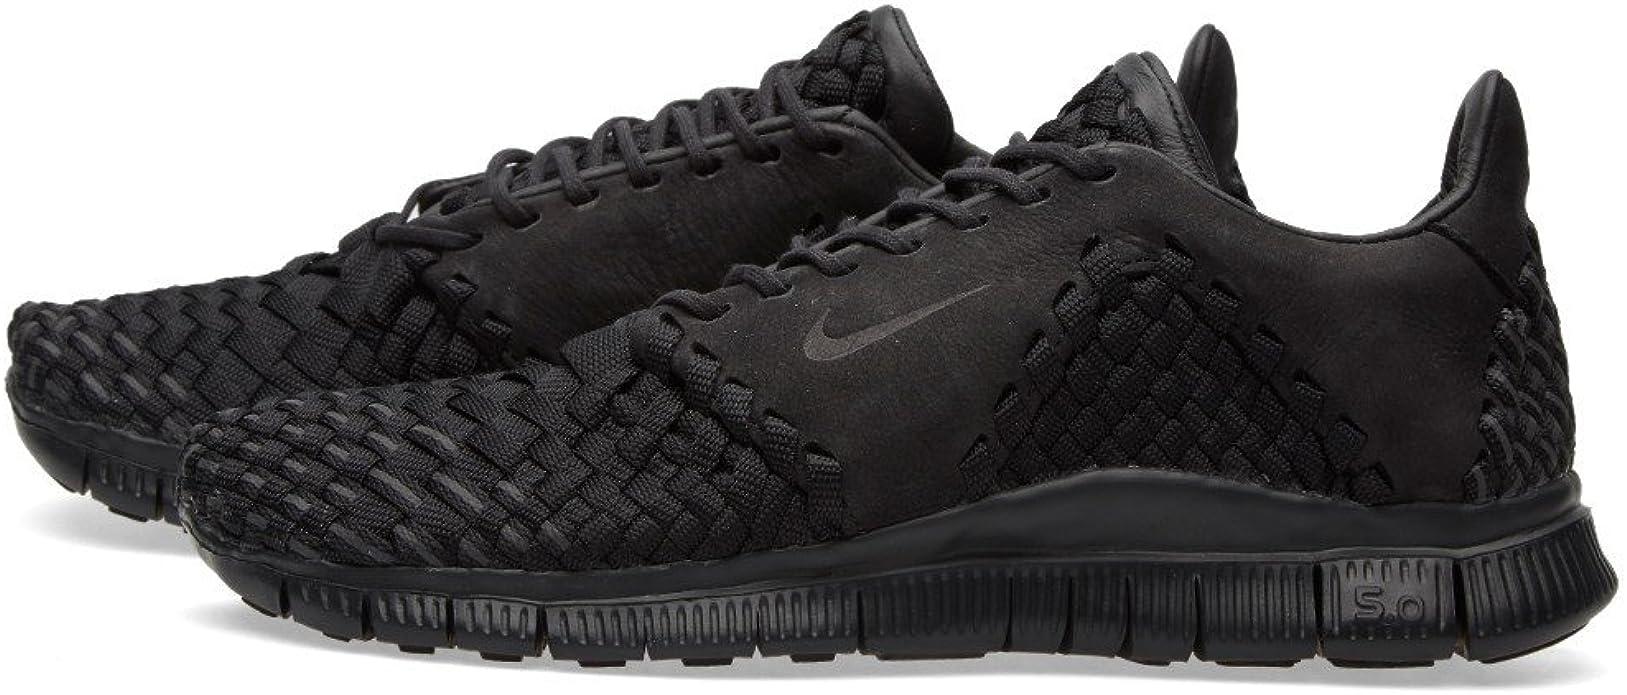 Nike 845014 001, Chaussures de Sport Homme, Multicolore